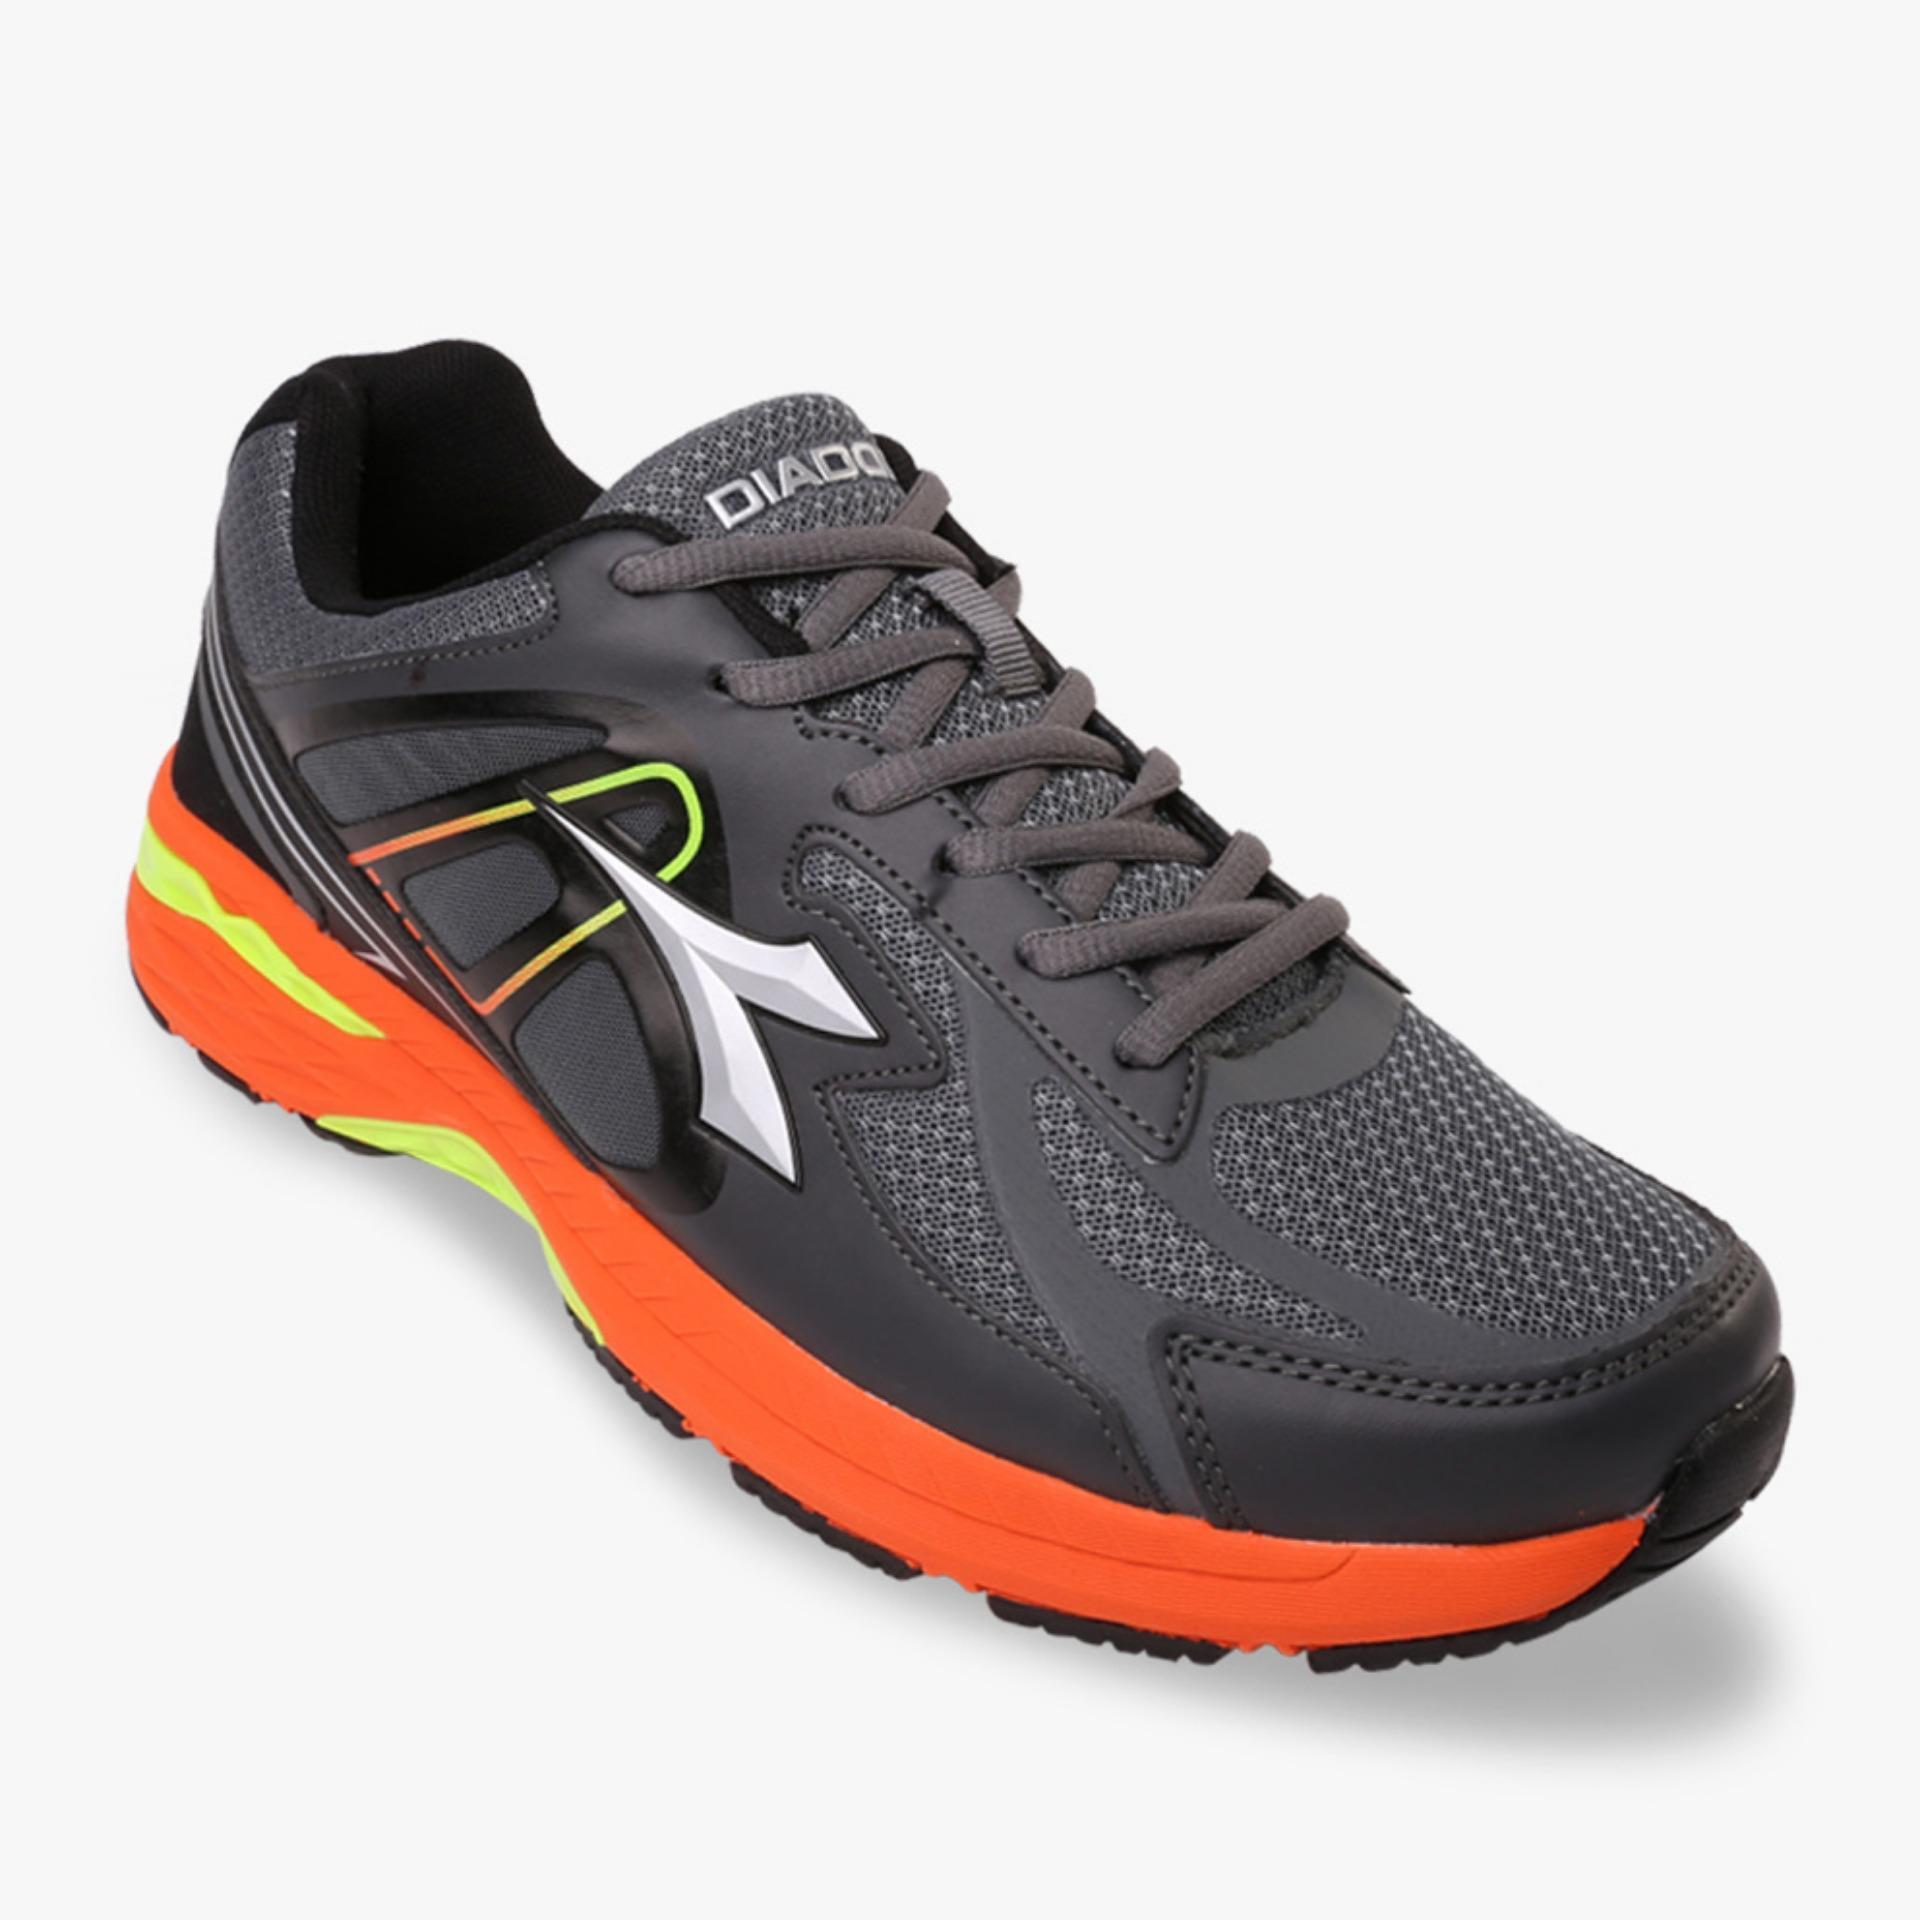 Jual Diadora Damiano Men S Running Shoes Abu Abu Termurah